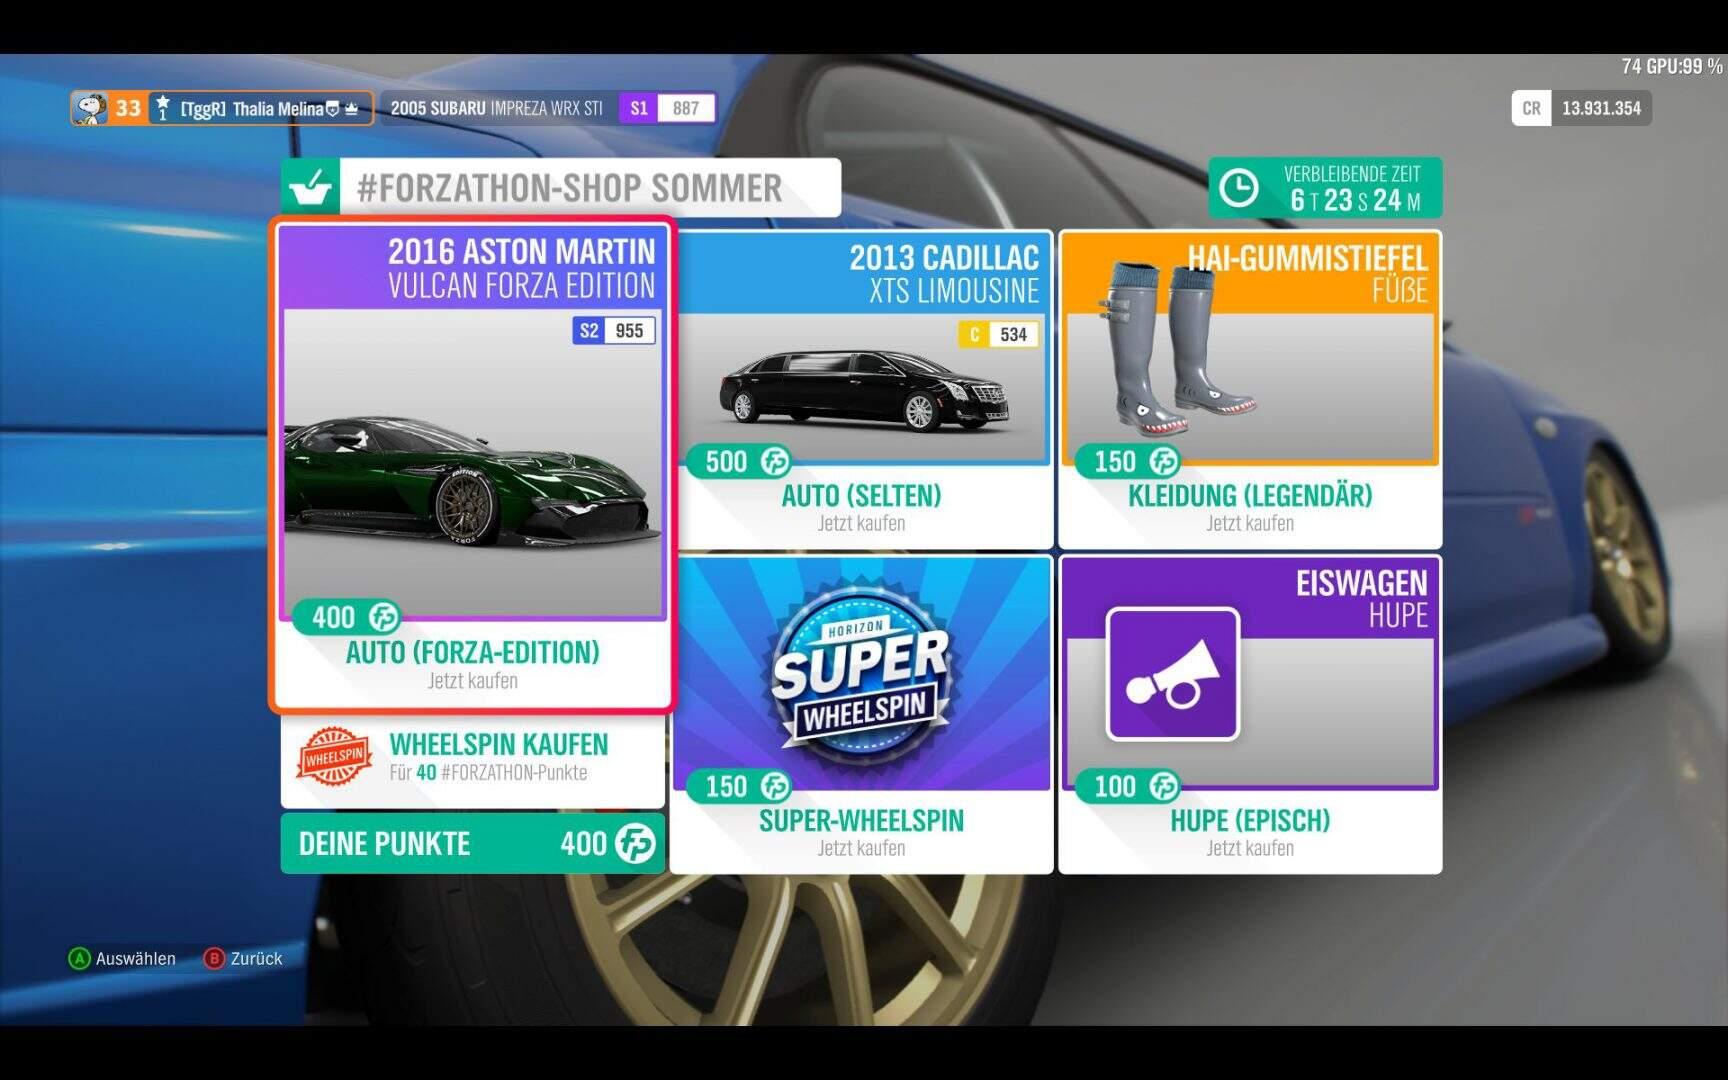 Forza Horizon 4 Forzathon Shop KW 03 / 2019